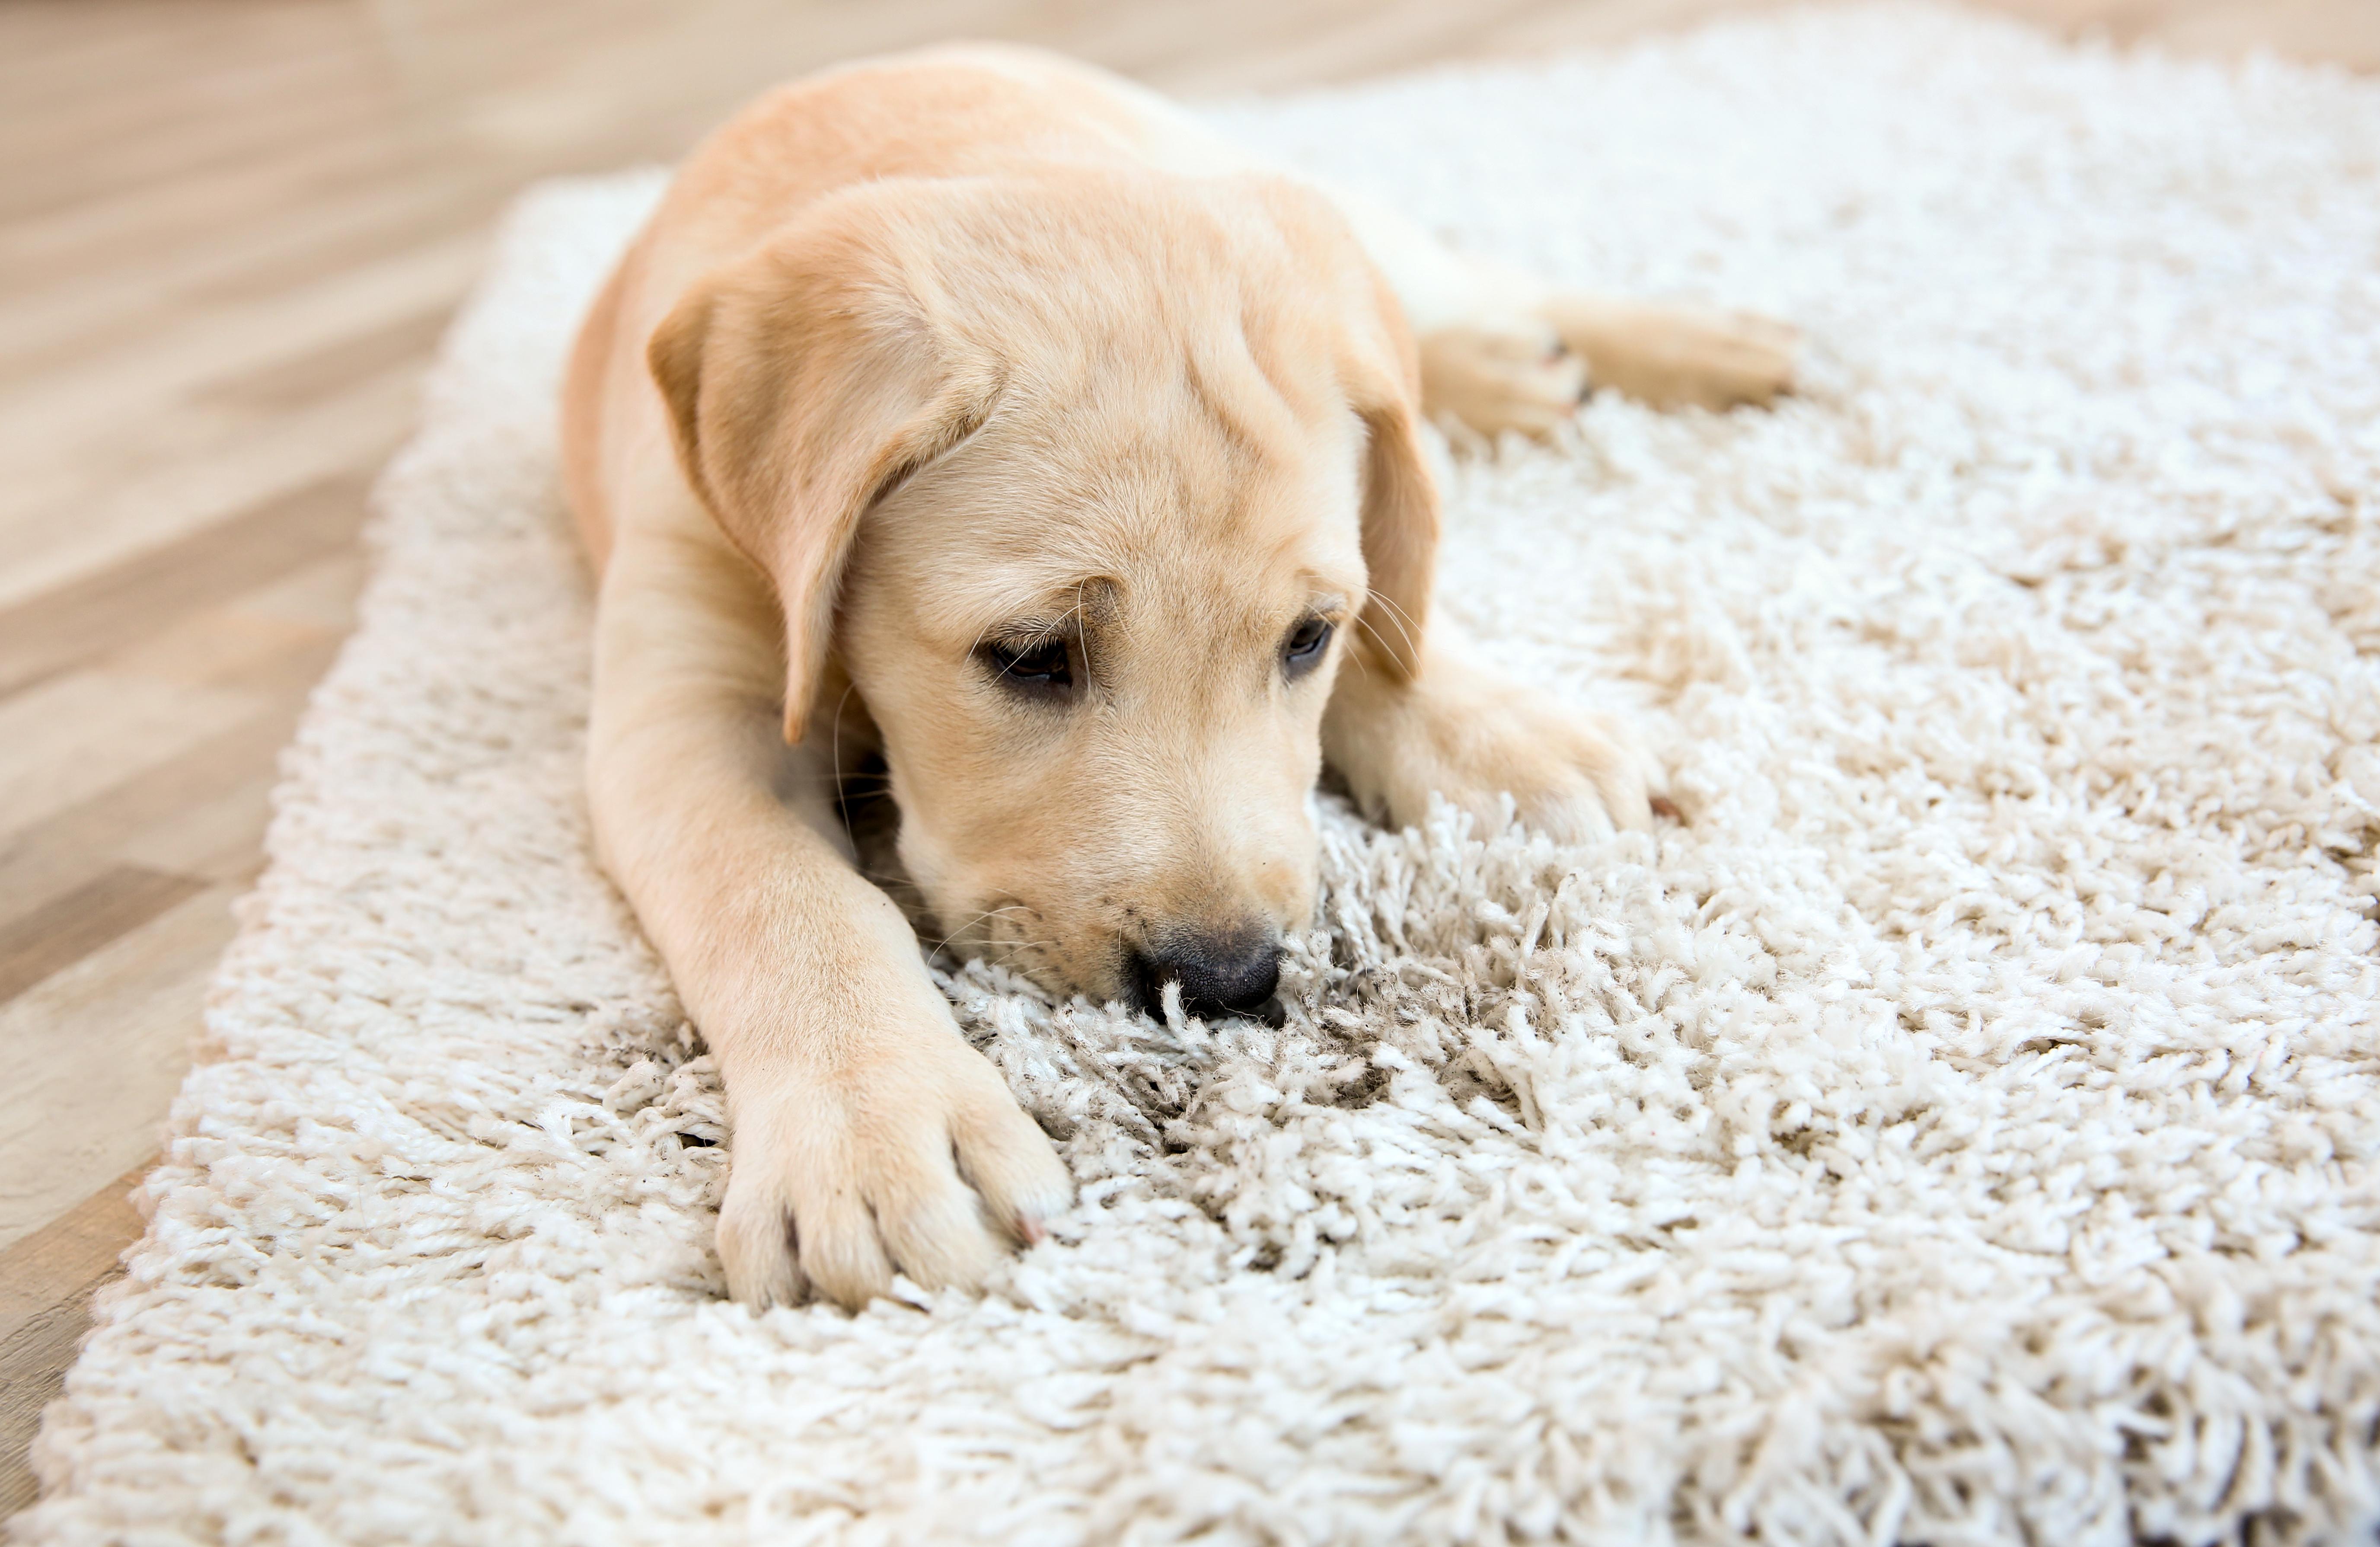 Comment nettoyer un tapis pais ou sali par de nombreux passages les astucieux - Comment nettoyer un tapis a poil long ...